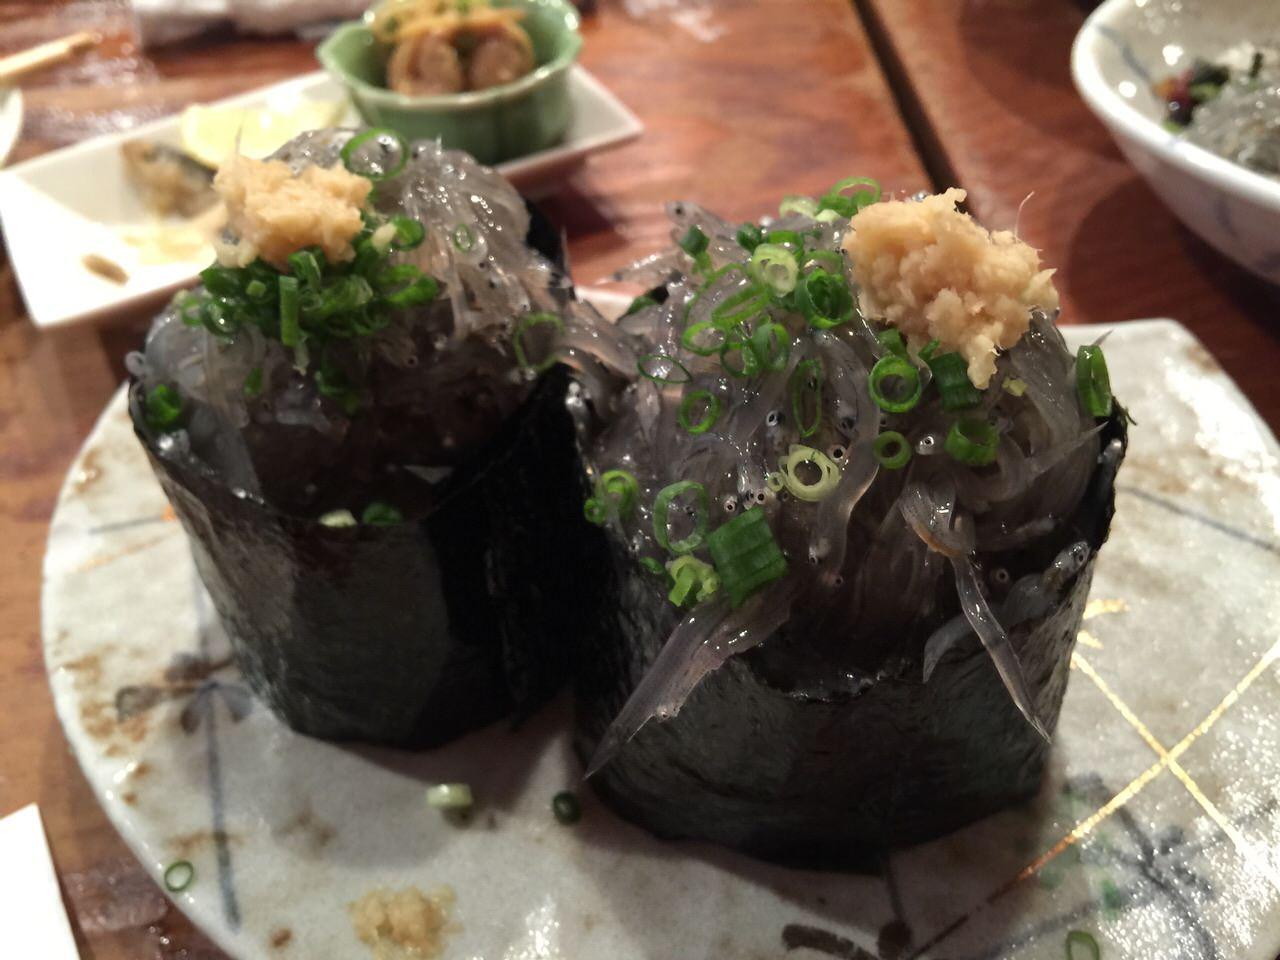 「網元料理 あさまる」旨い生しらすが食べたくなったら東海道線で茅ヶ崎に行ってしまうのが吉!朝採れ生しらすを浴びるほど食べた